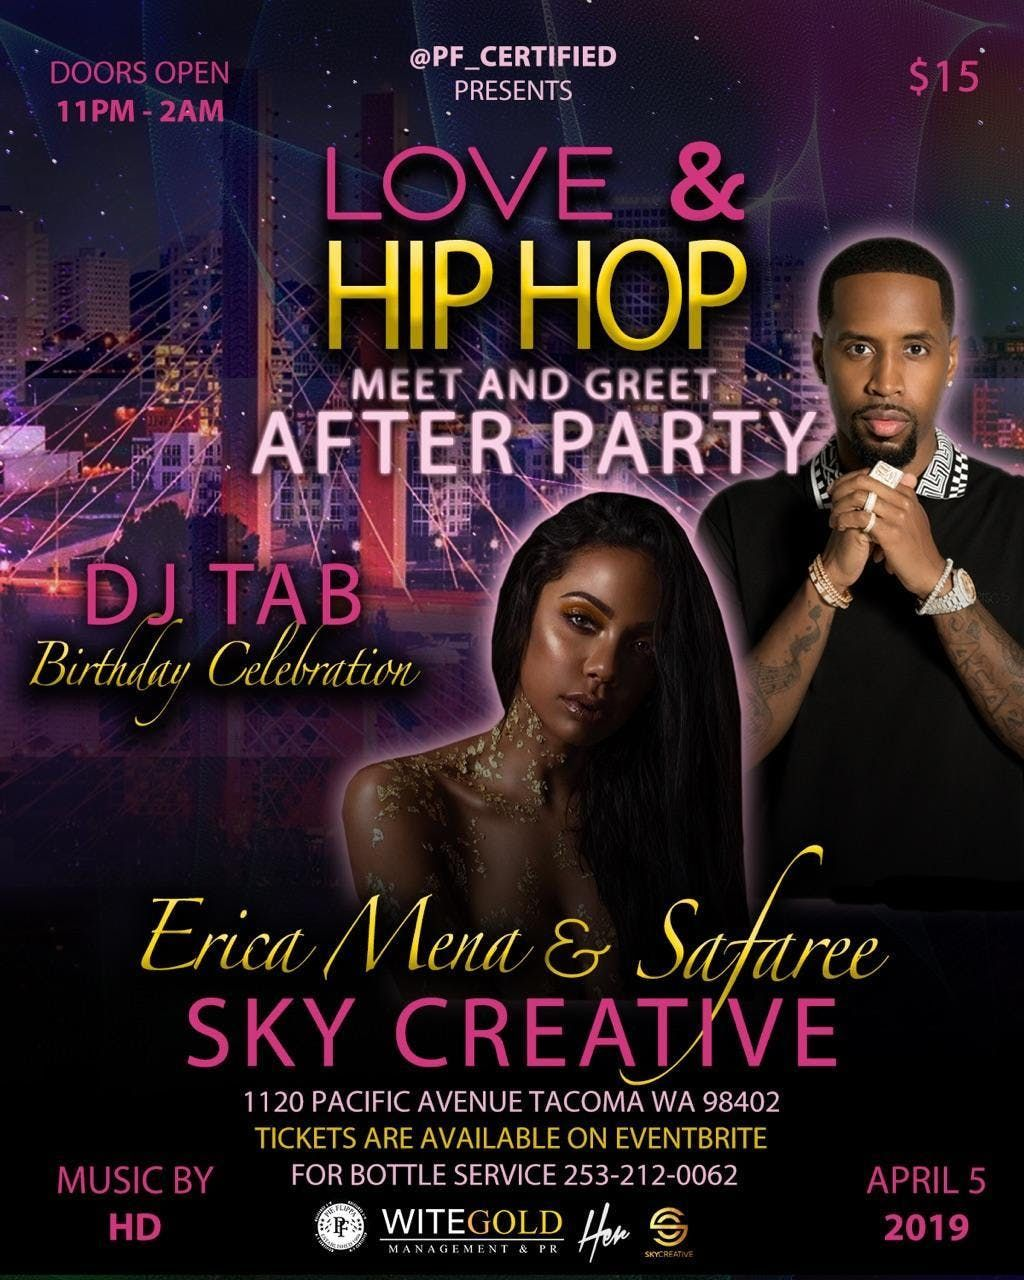 Love & Hip-Hop Meet & Greet Afterparty